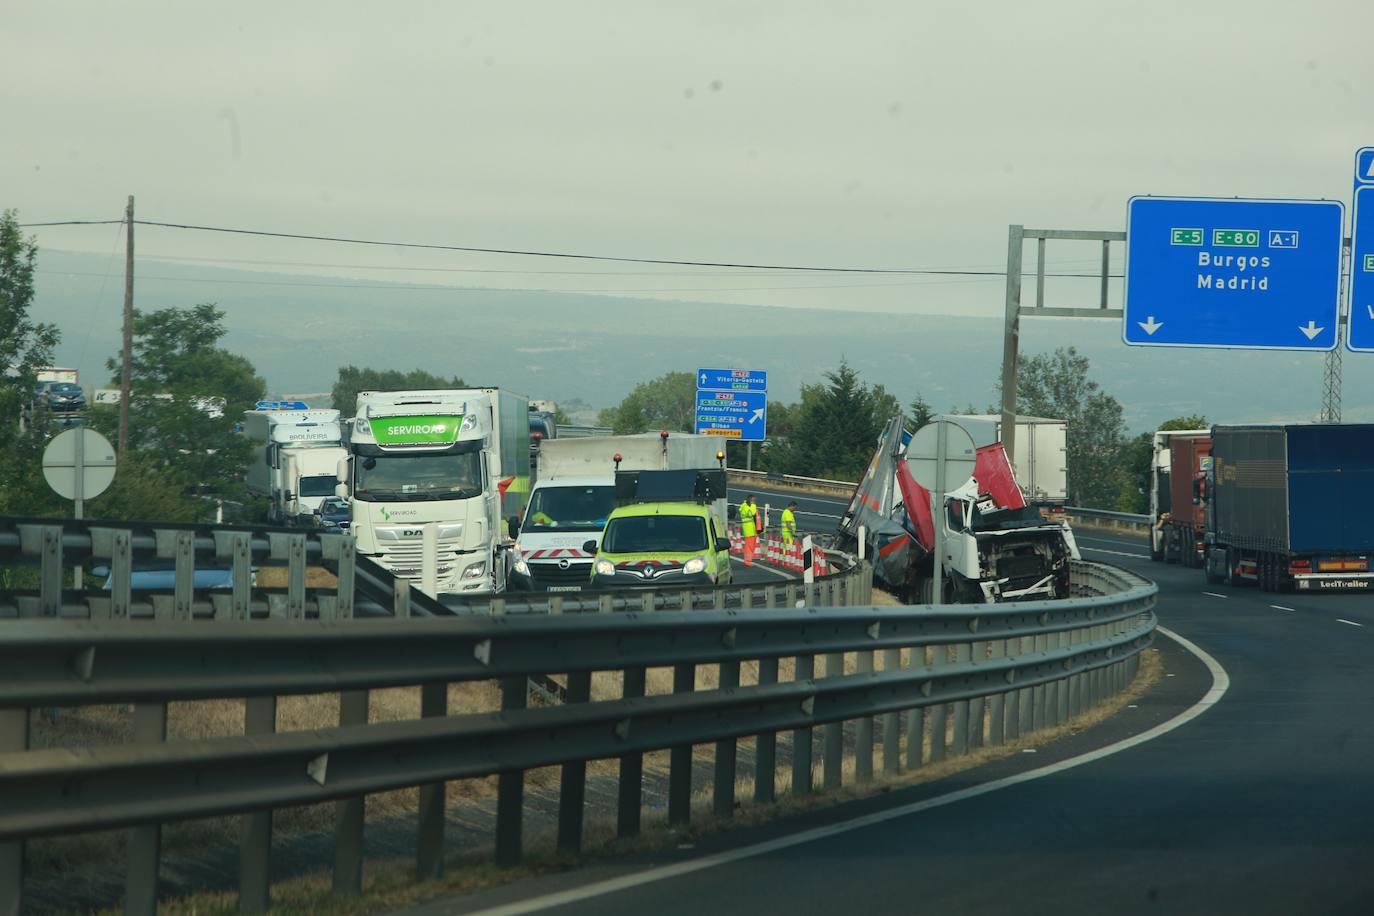 Herido el conductor de un camión en un accidente en la A-1, en Lopidana